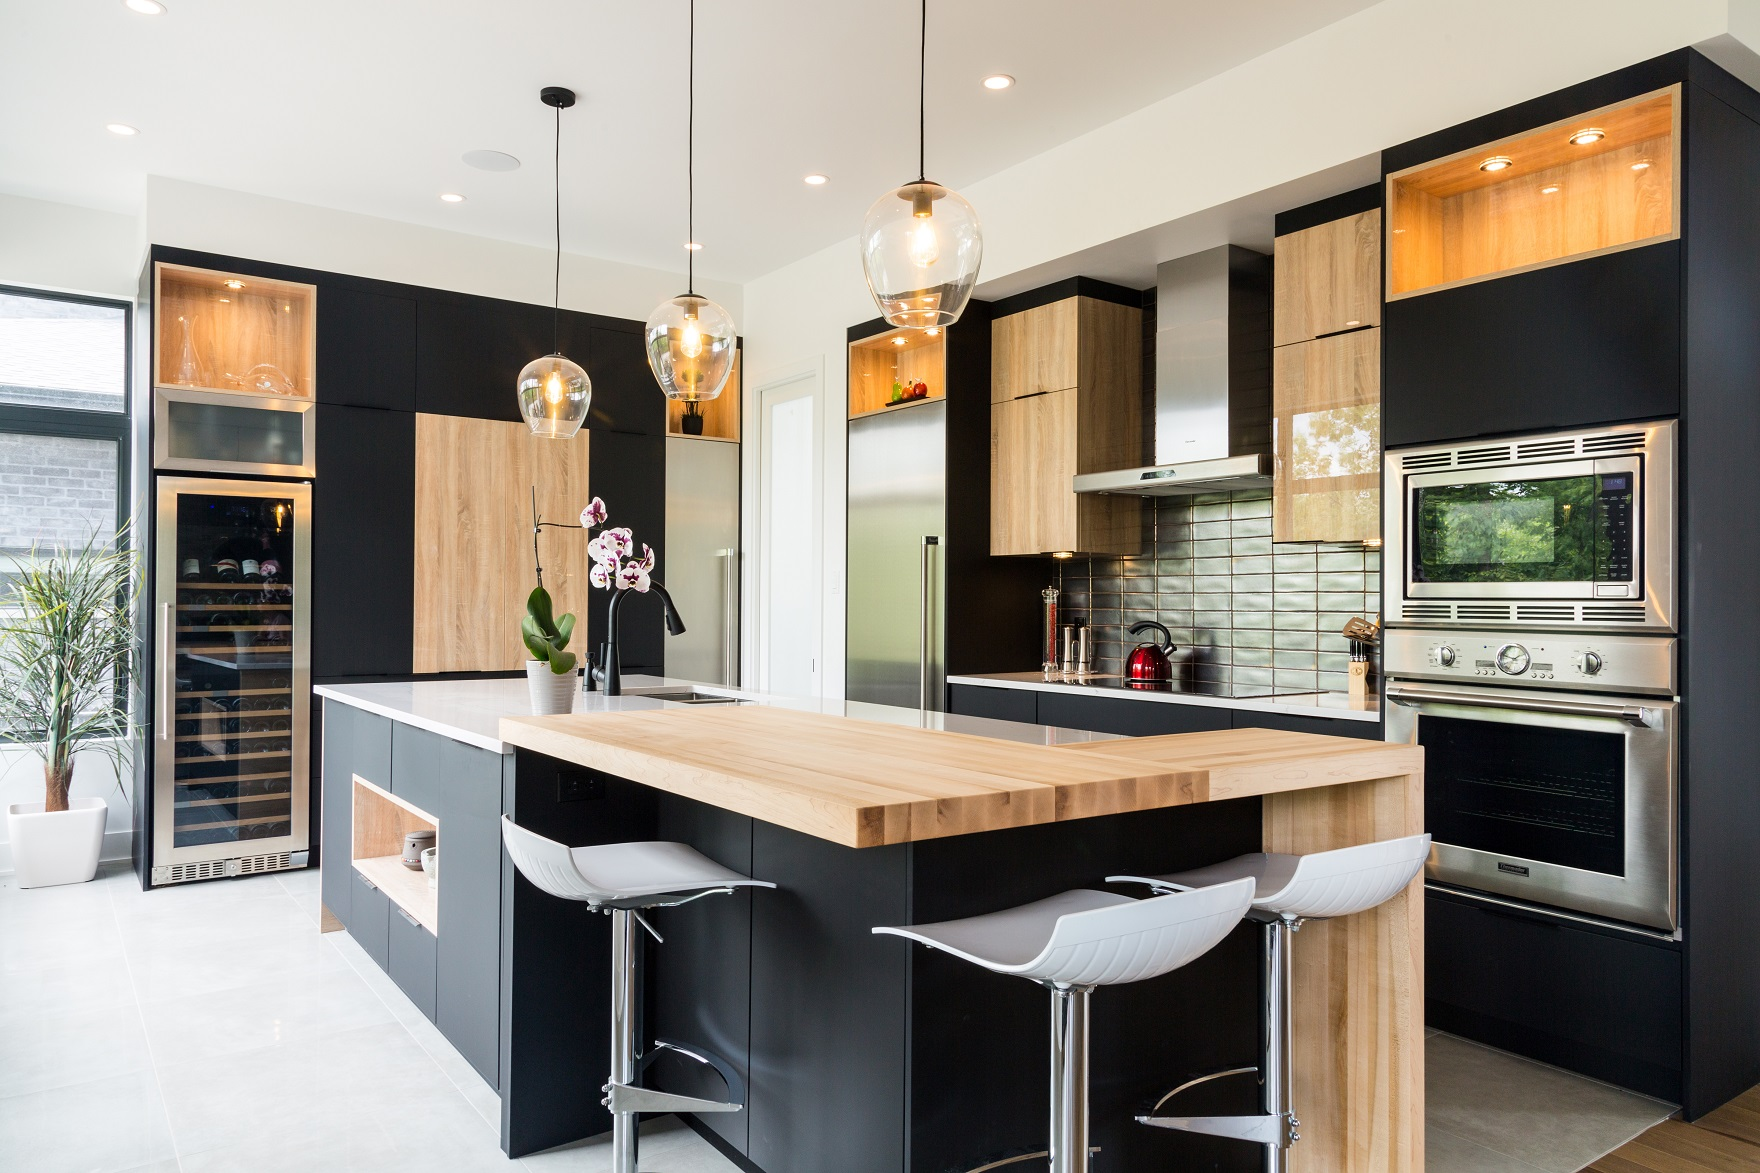 cuisine br der kitchen designer south shore of montreal. Black Bedroom Furniture Sets. Home Design Ideas